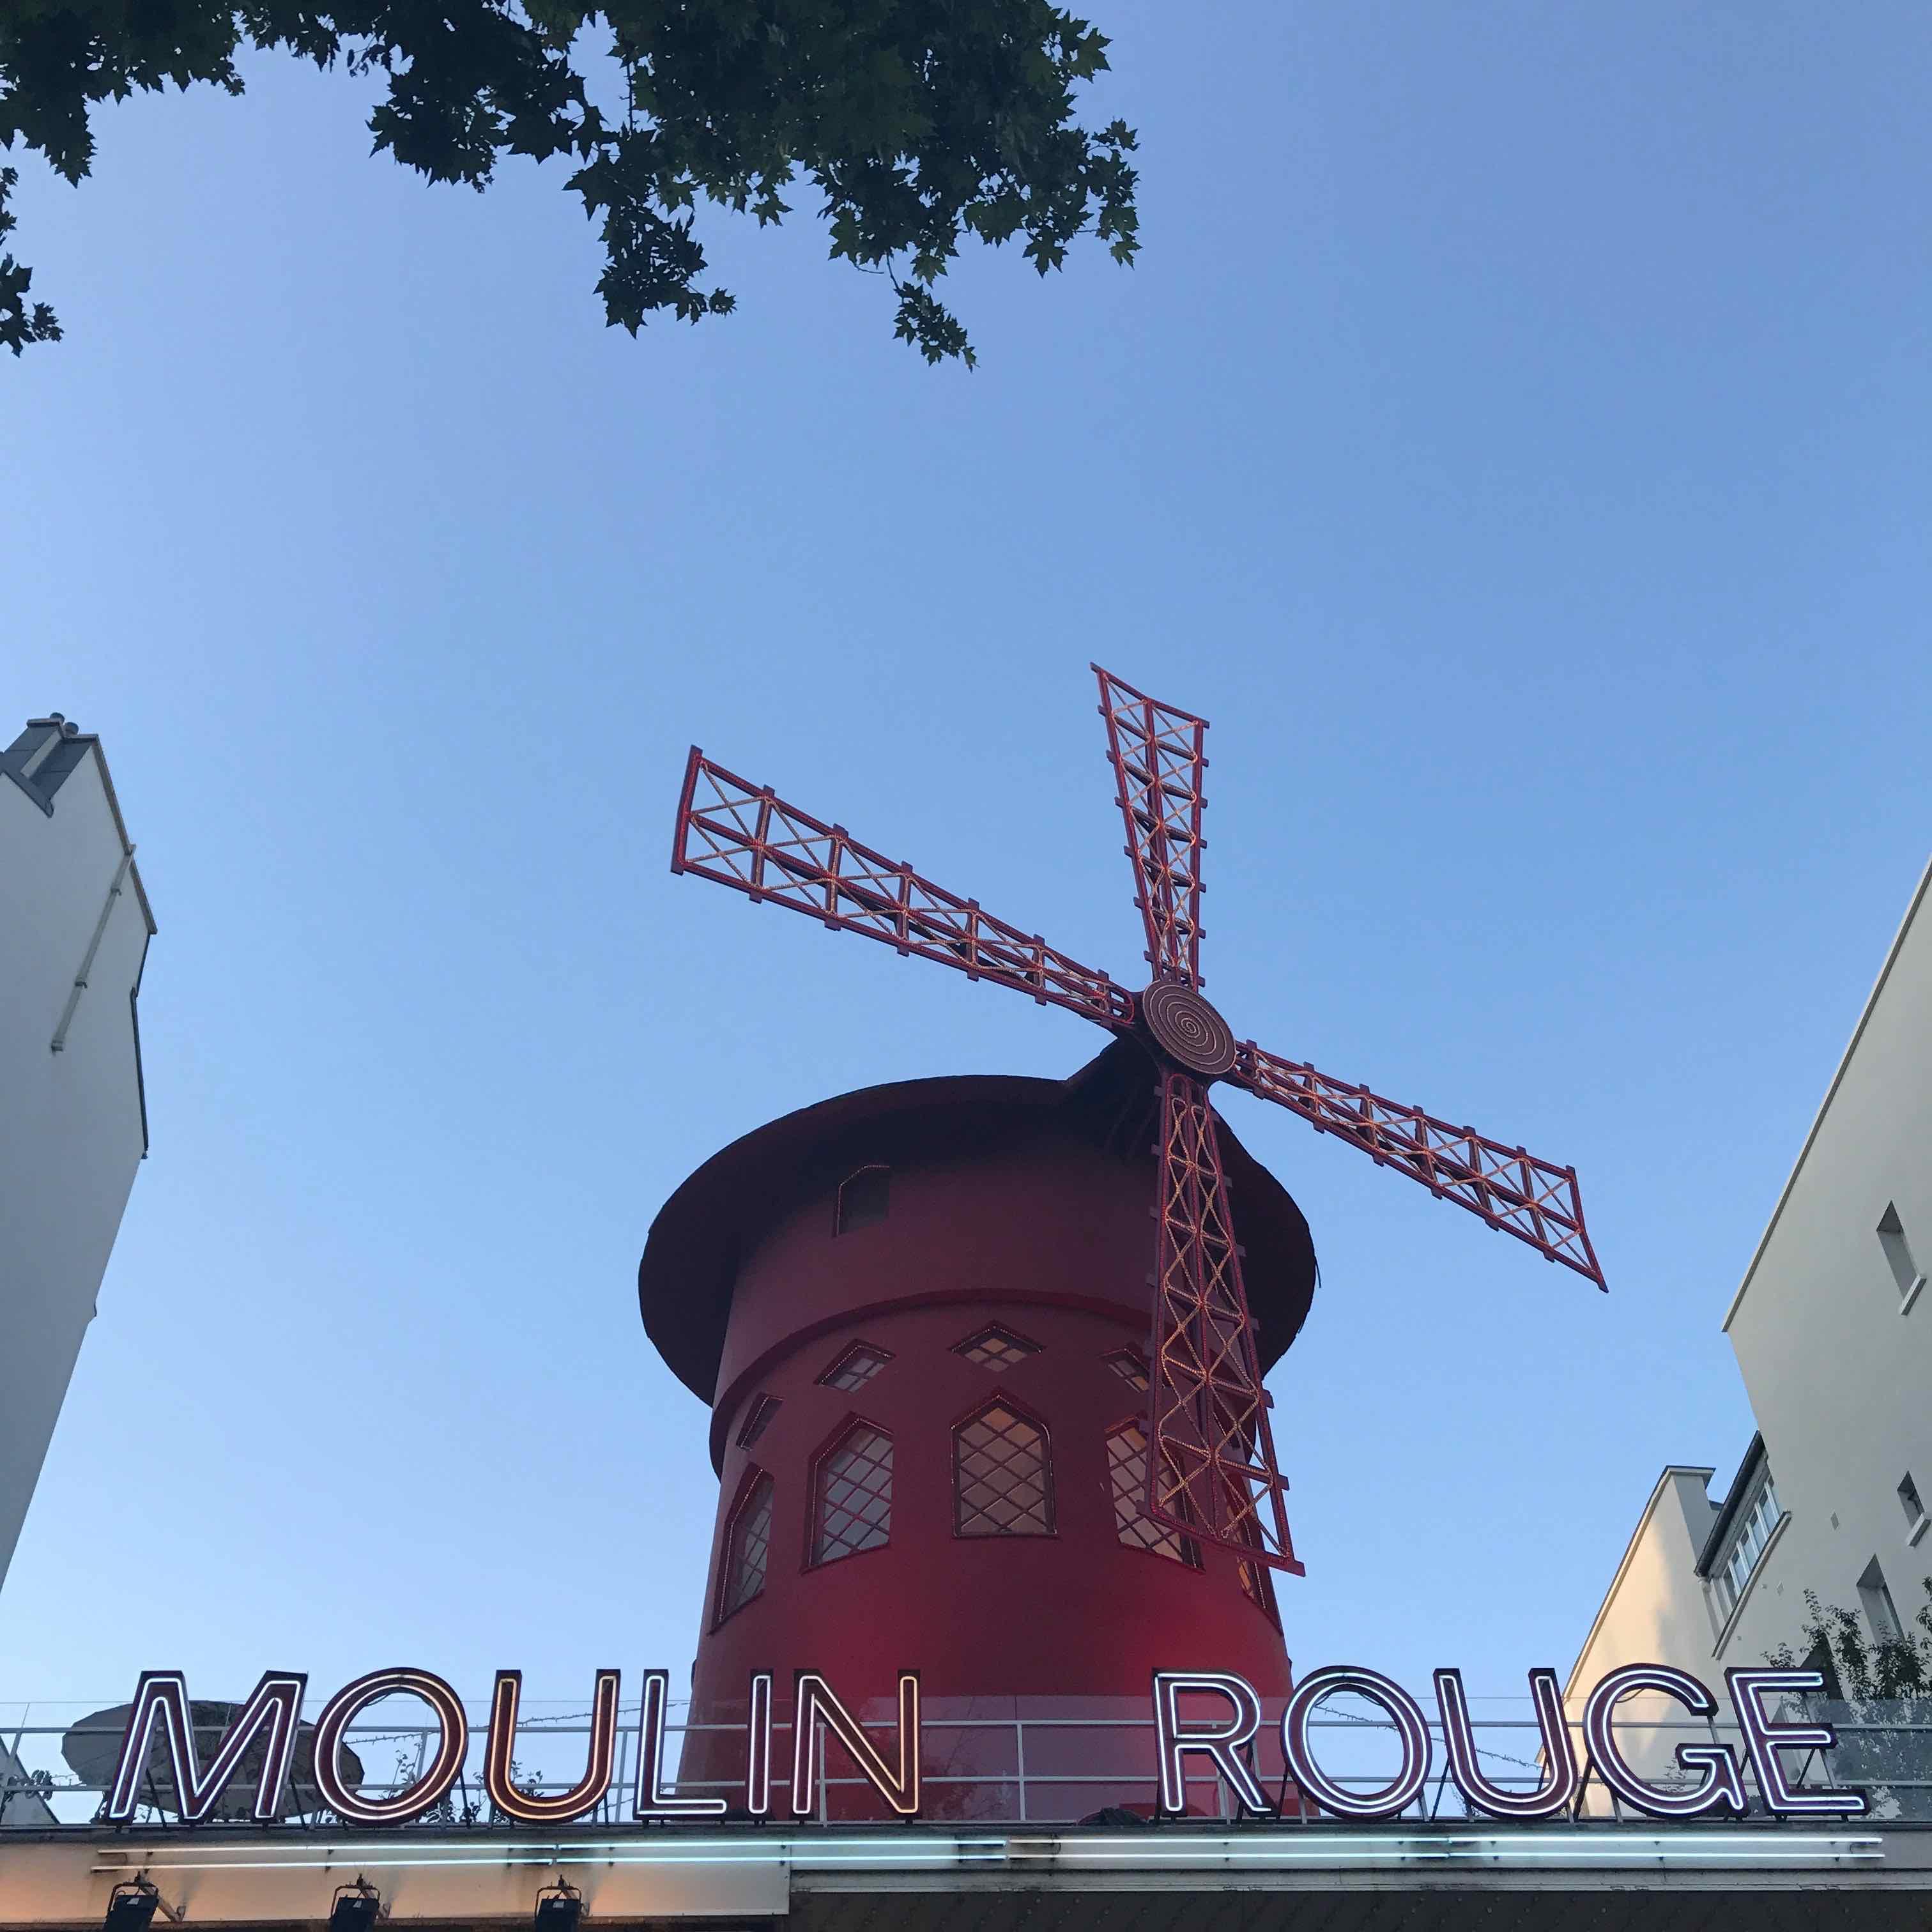 machine-moulin-rouge-rooftop-la-revue-y-1